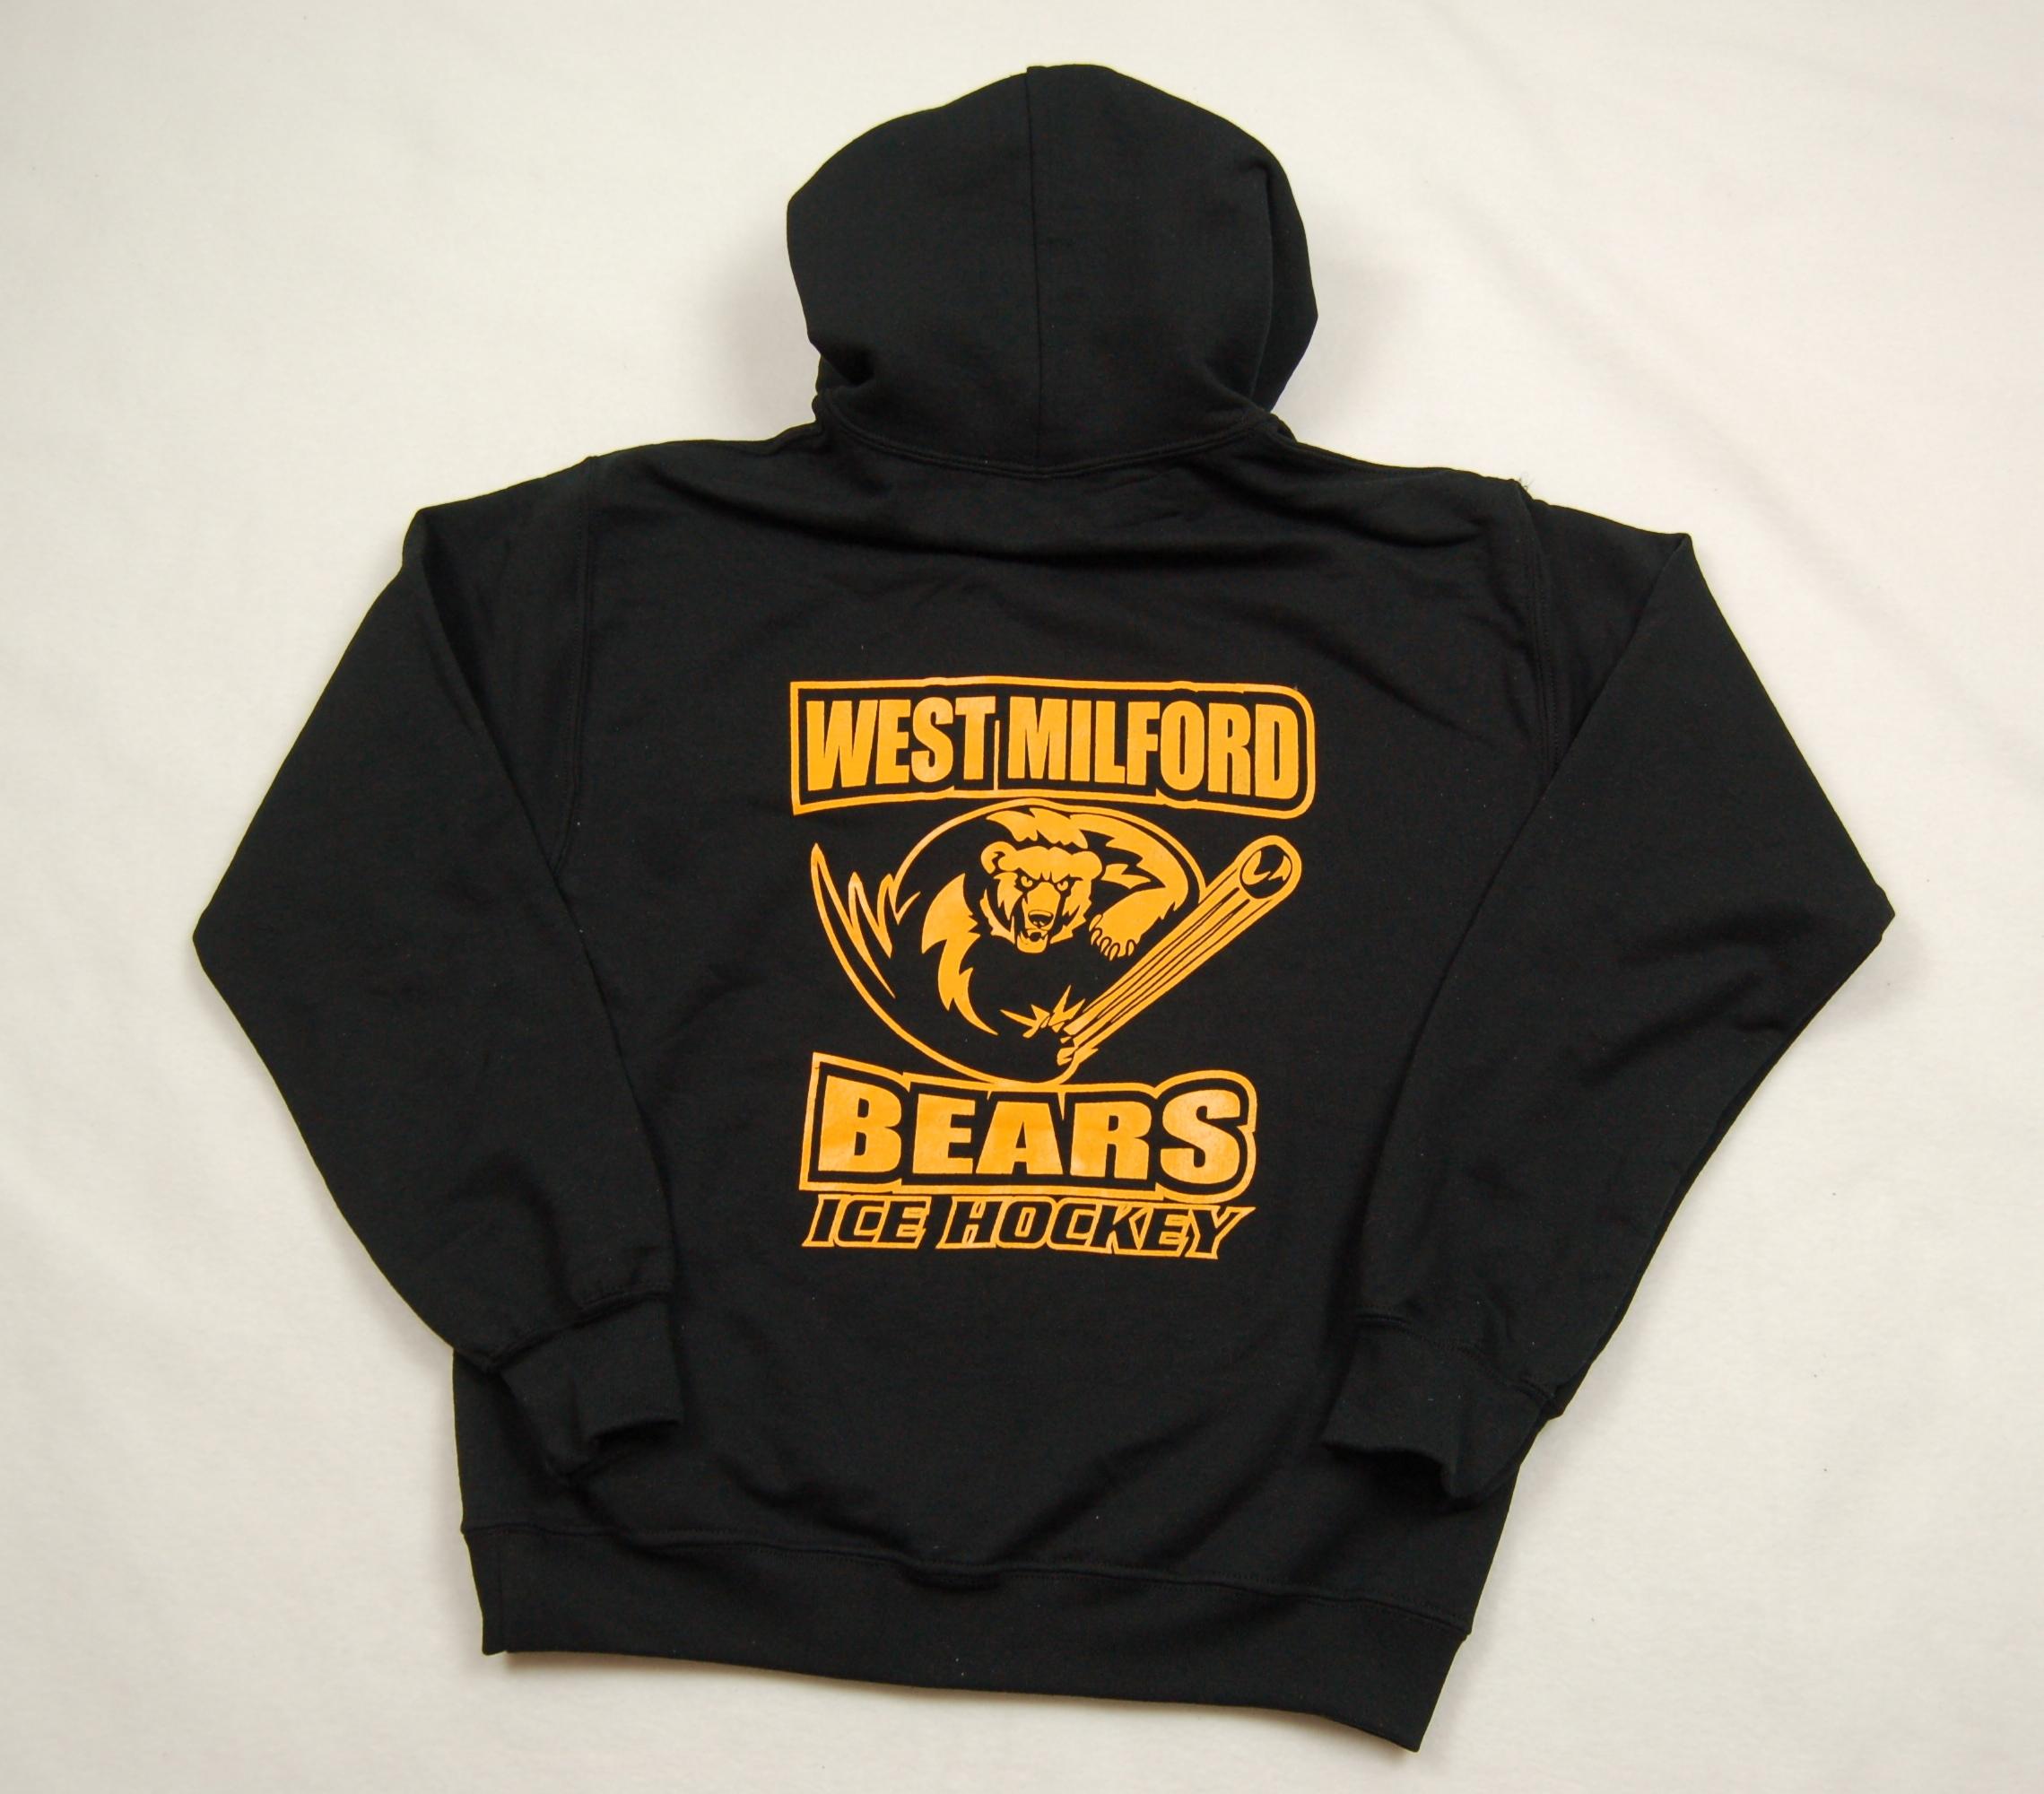 West Milford Bears Ice Hockey hoodie.